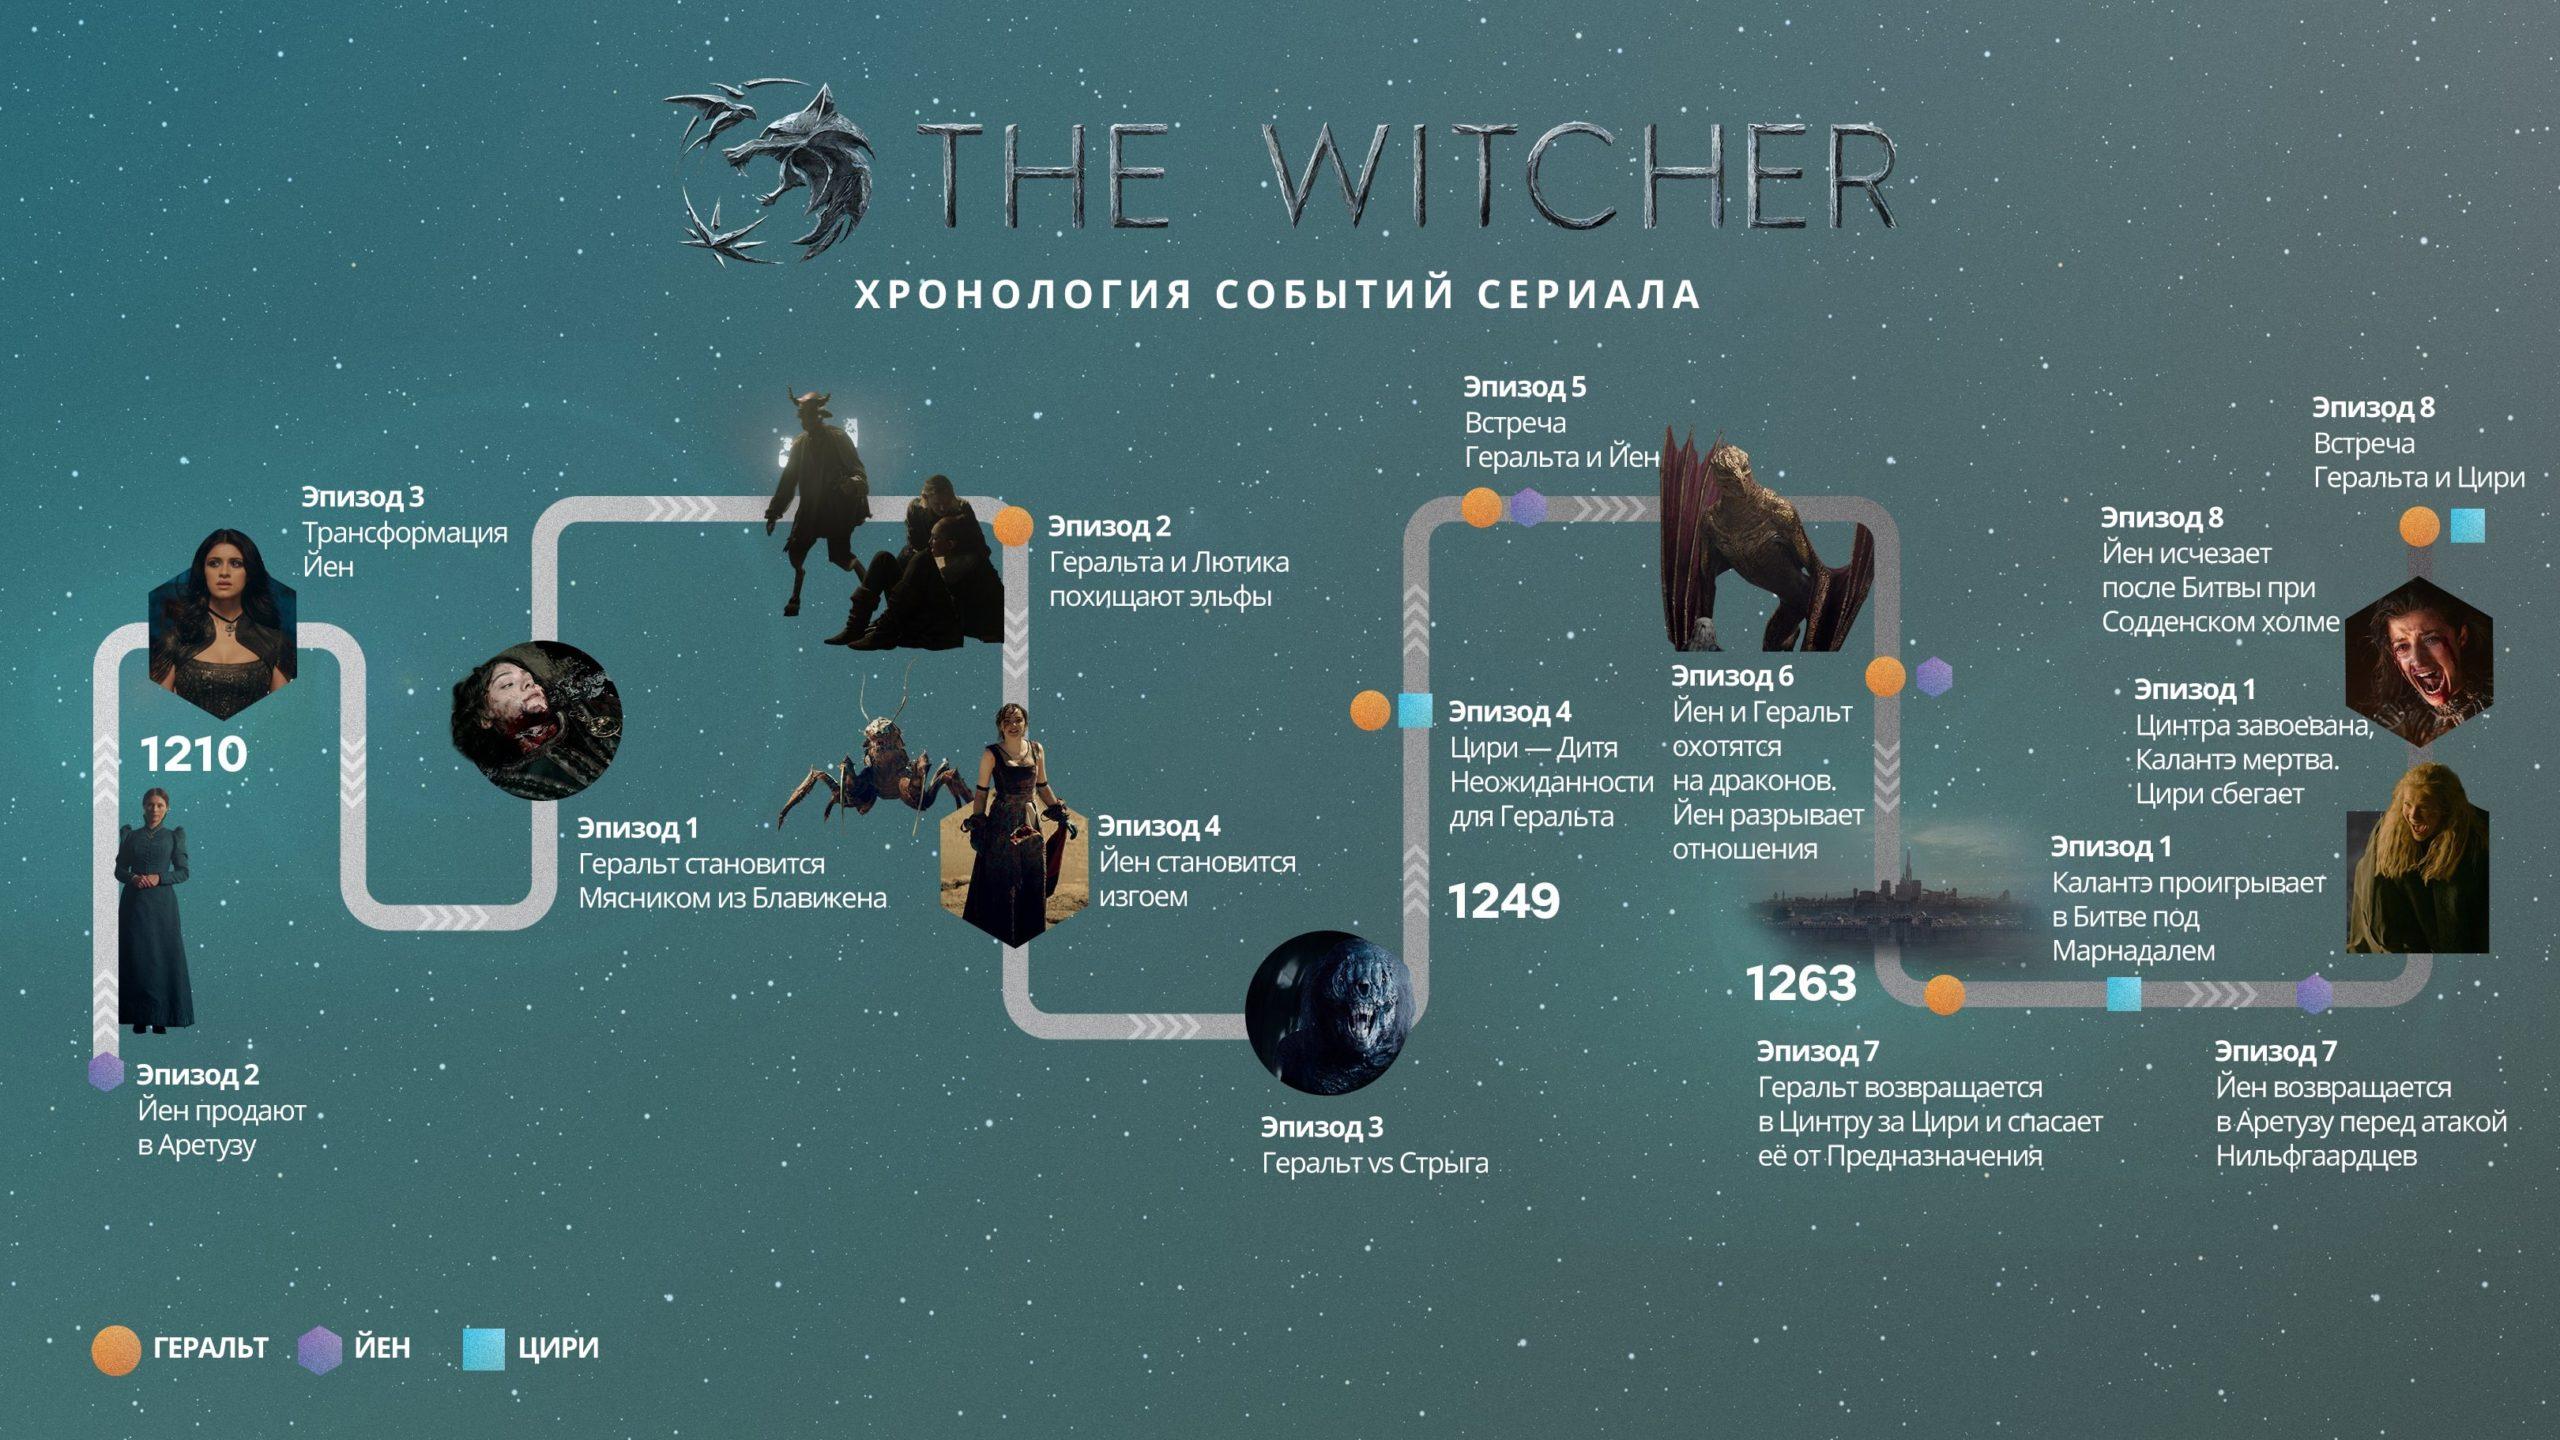 Хронология сериала Ведьмак